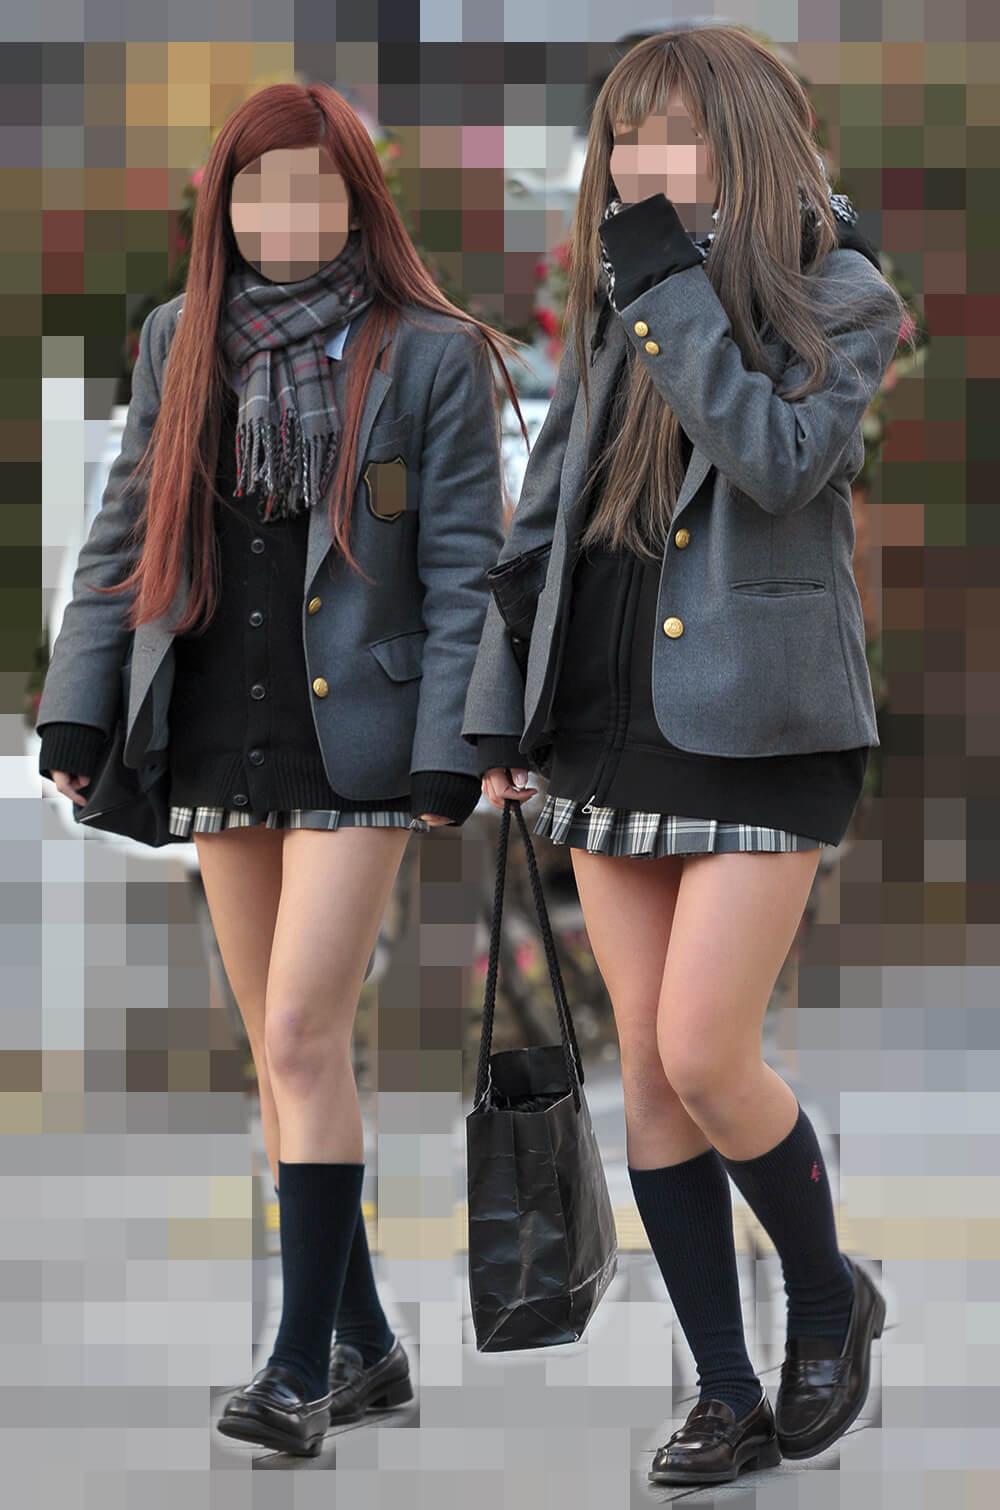 【画像】女子高生のふともも!キンキンに冷えてやがるぅう